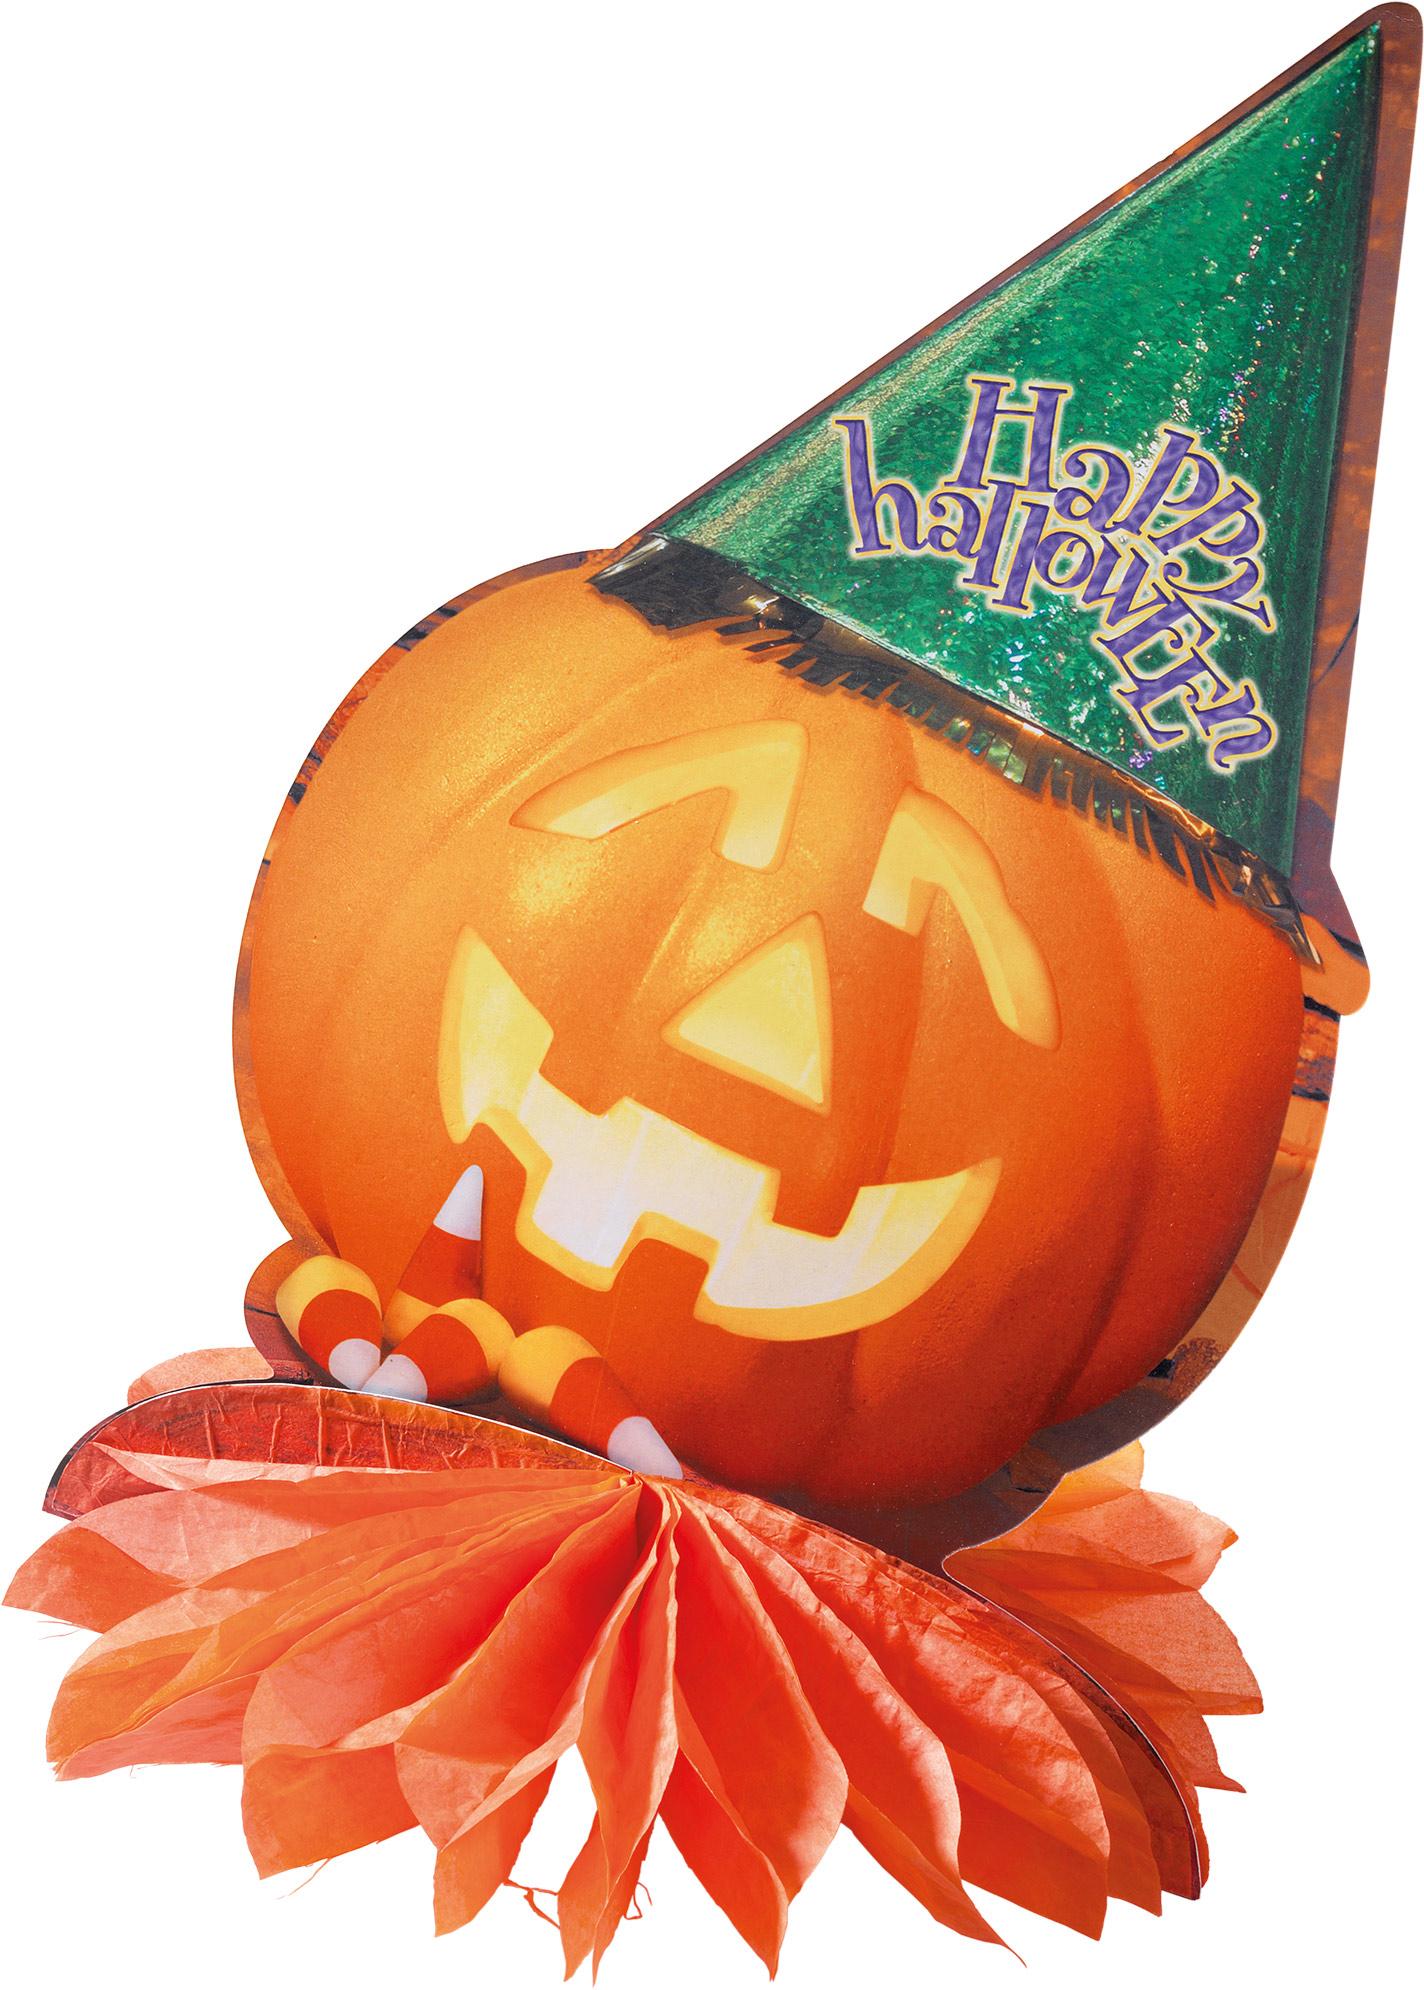 Halloween Tischdeko Kurbis Mit Hut Orange Grun Gelb 32x23cm